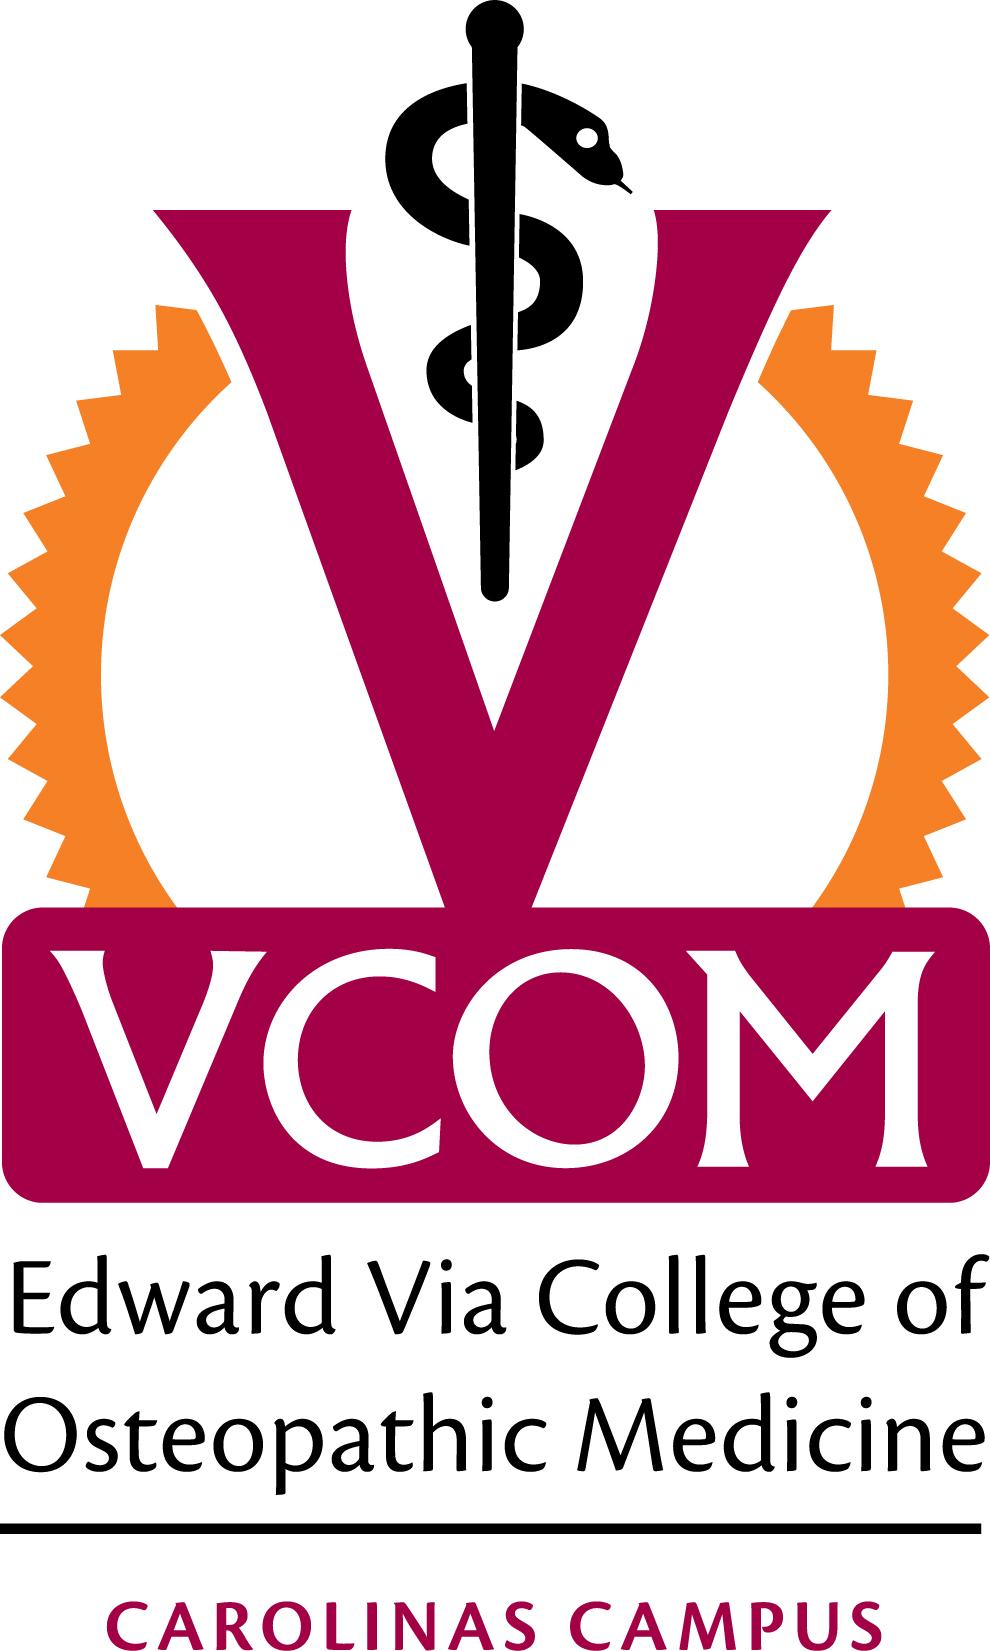 VCOM Carolinas-RGBcolor4x6 (2).jpg